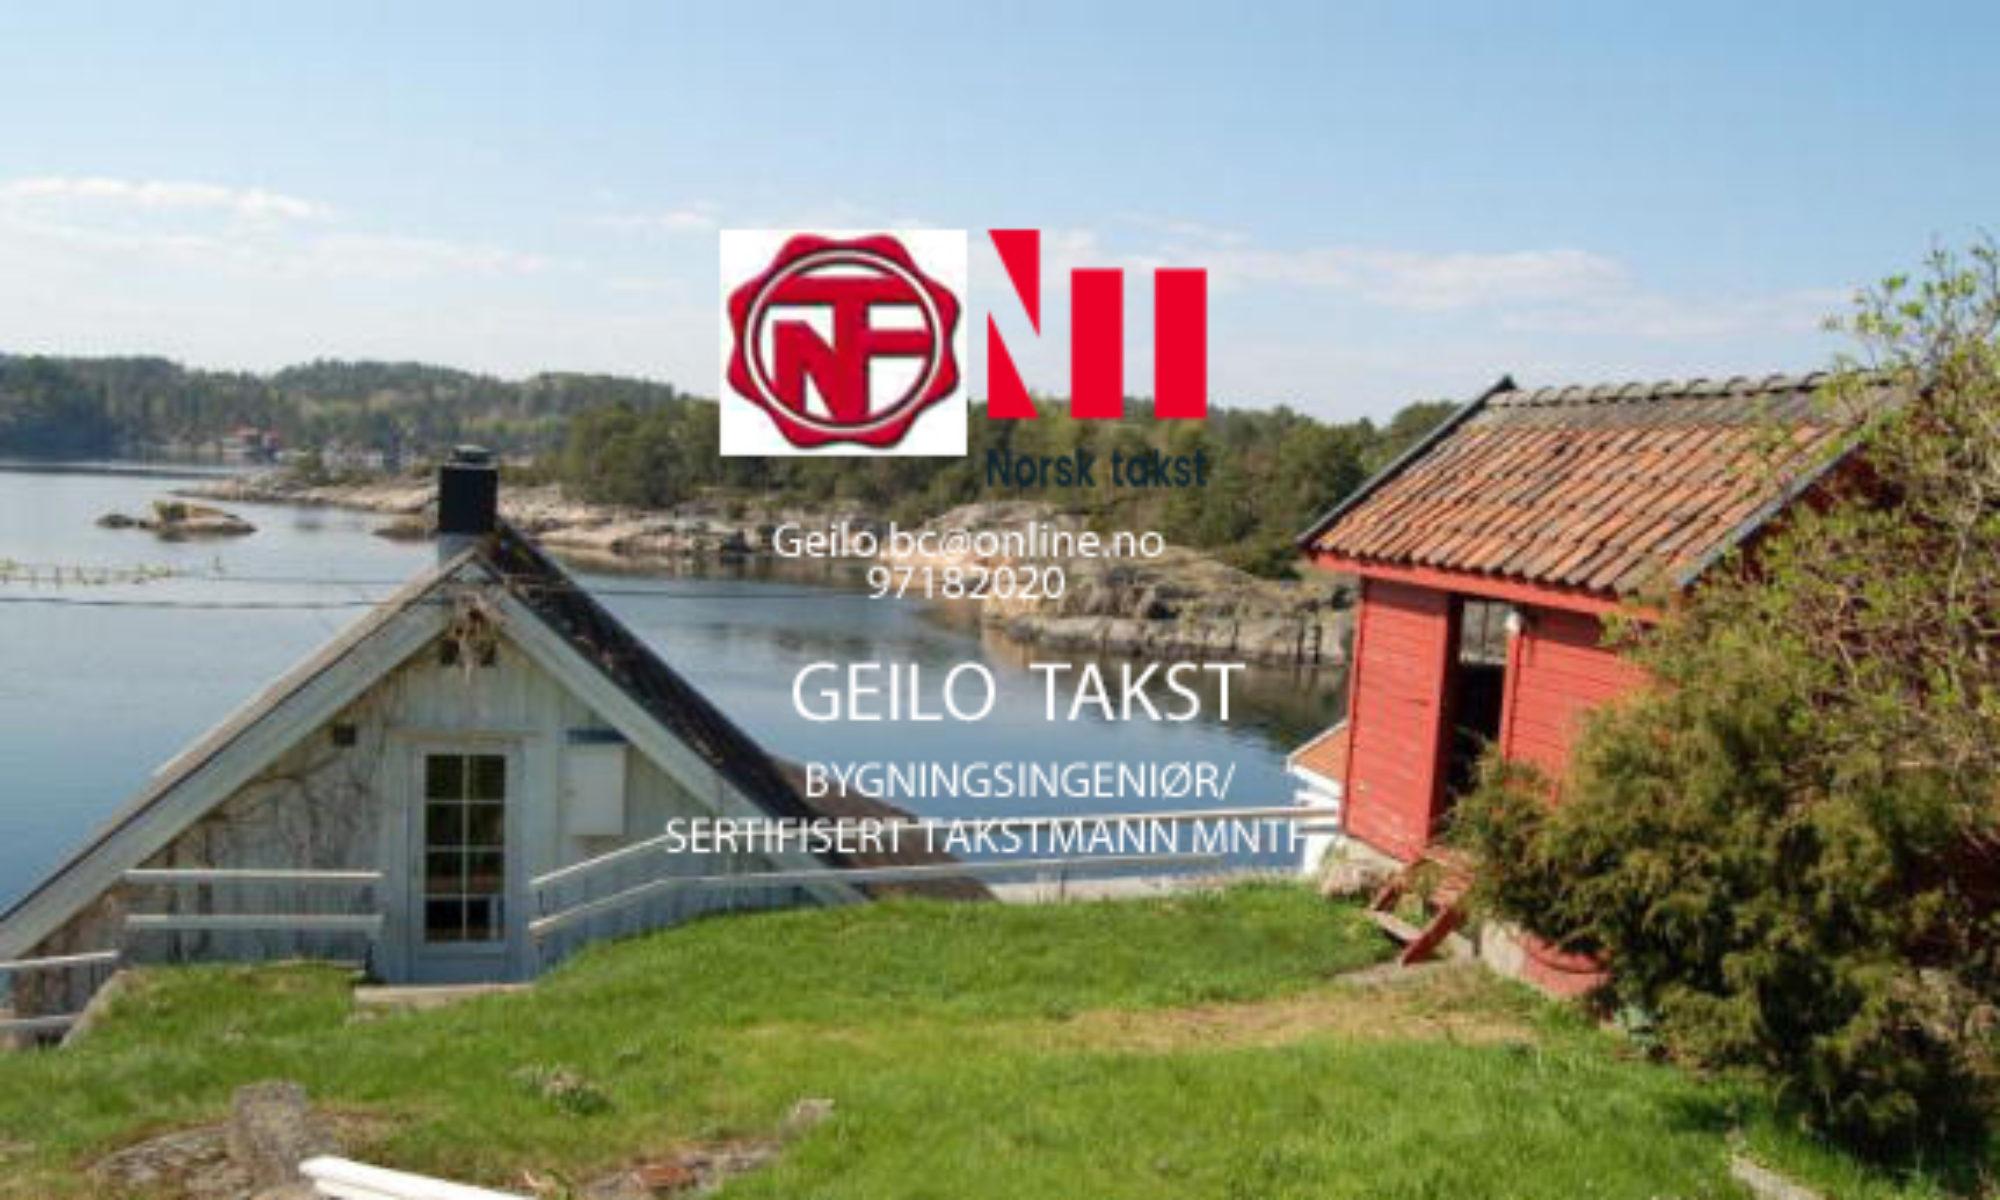 Geilo Takst